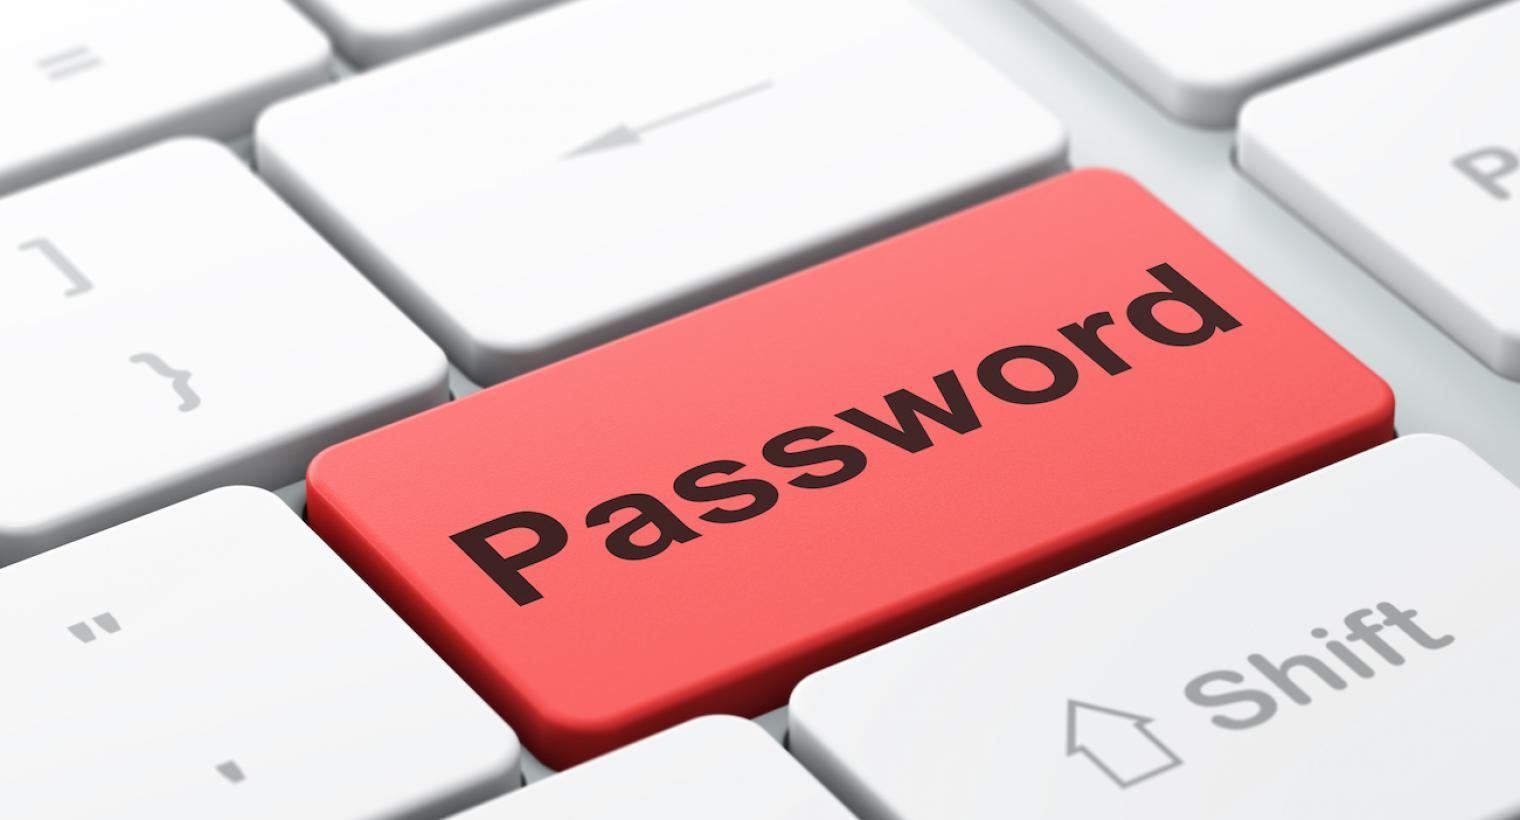 Как узнать пароль от роутера Wi-Fi? Программа для тех, кто забыл пароль